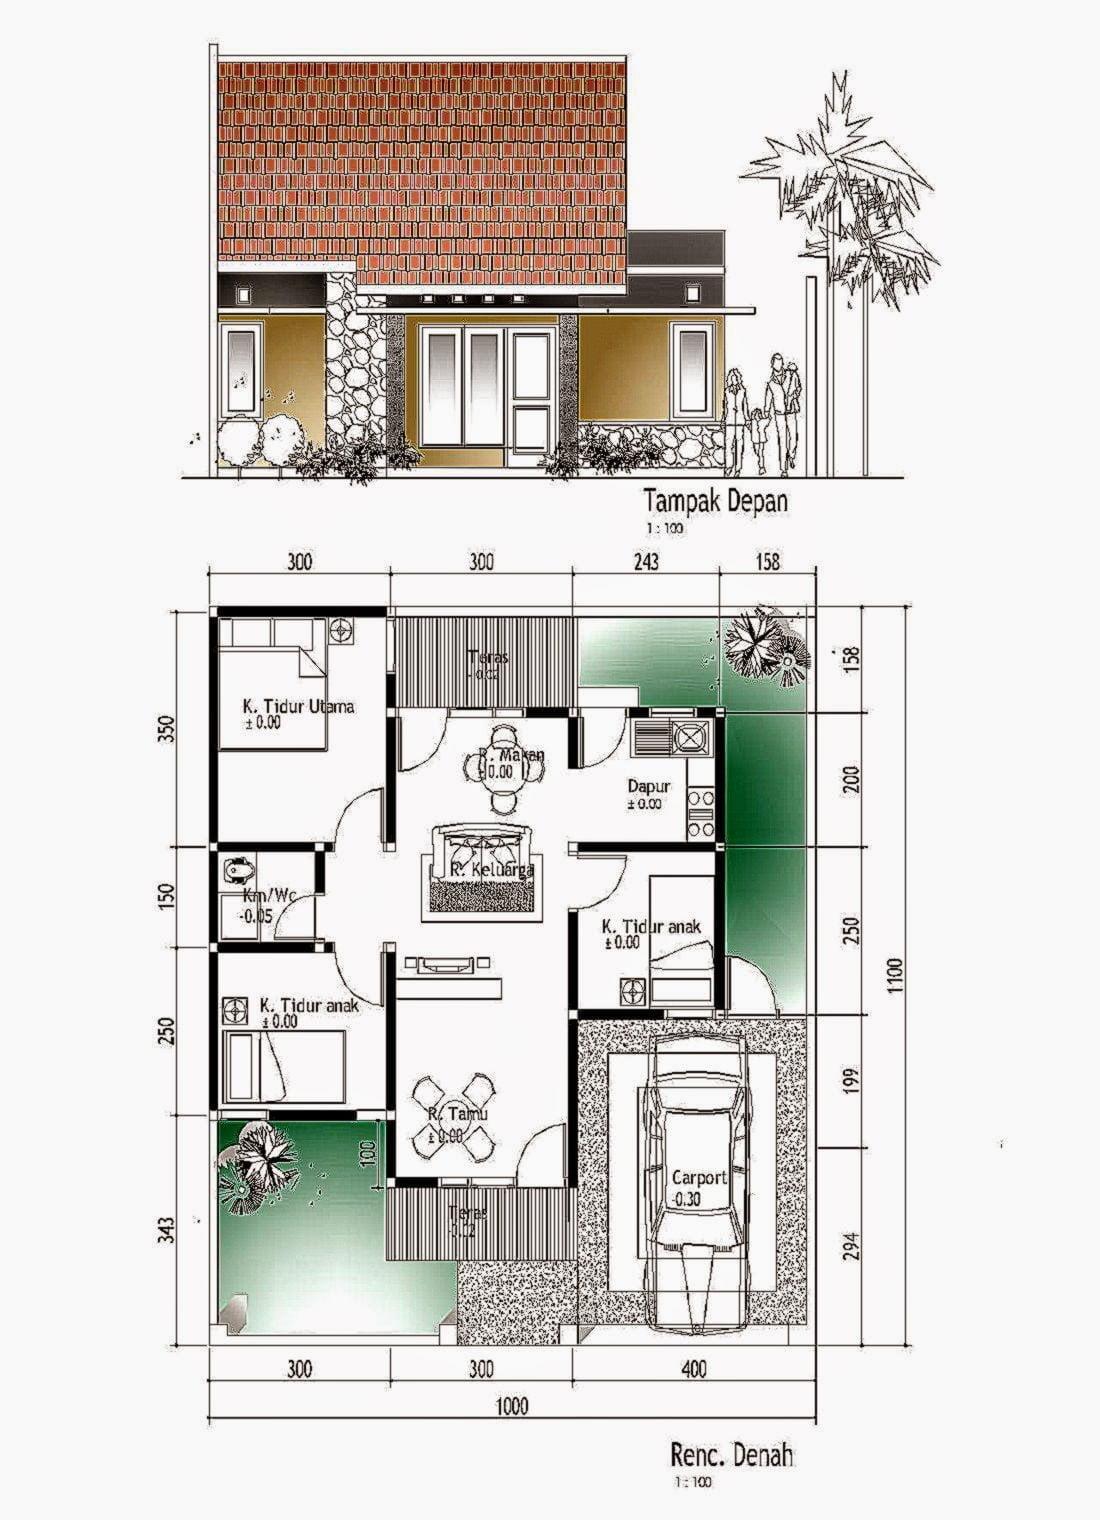 860 Desain Rumah Minimalis Beserta Denahnya HD Terbaru